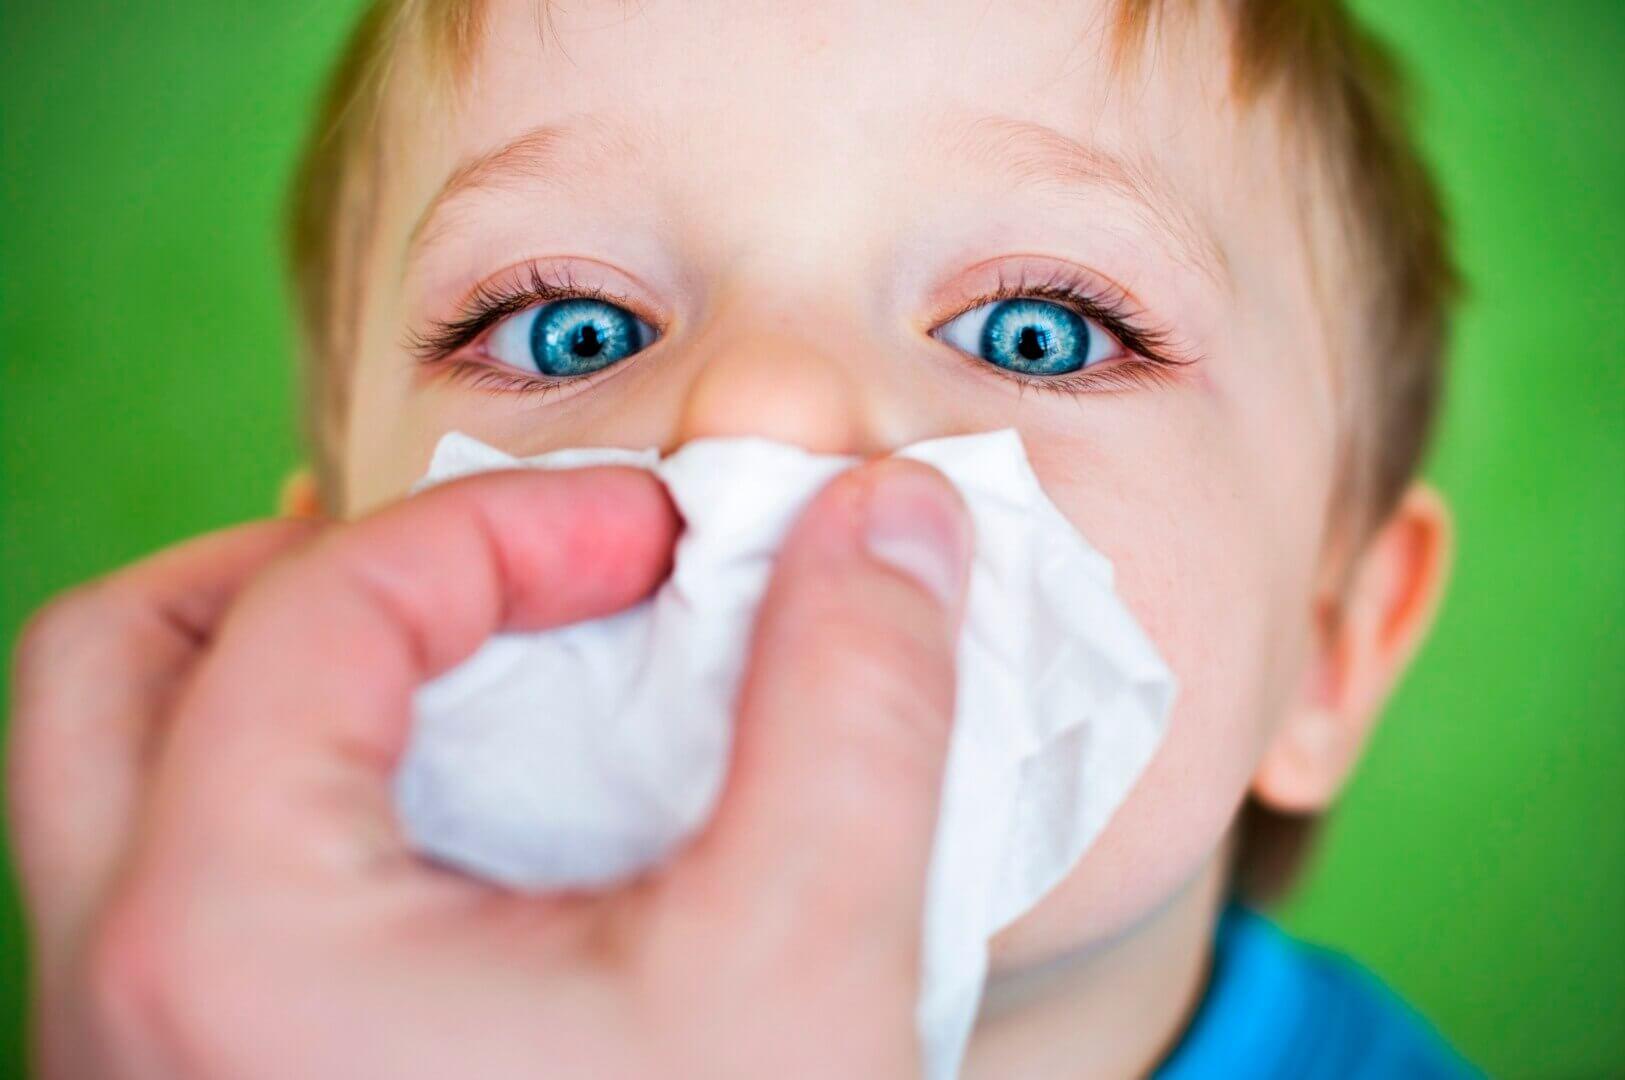 Зеленые сопли и конъюнктивит у ребенка: причины, лечение, профилактика